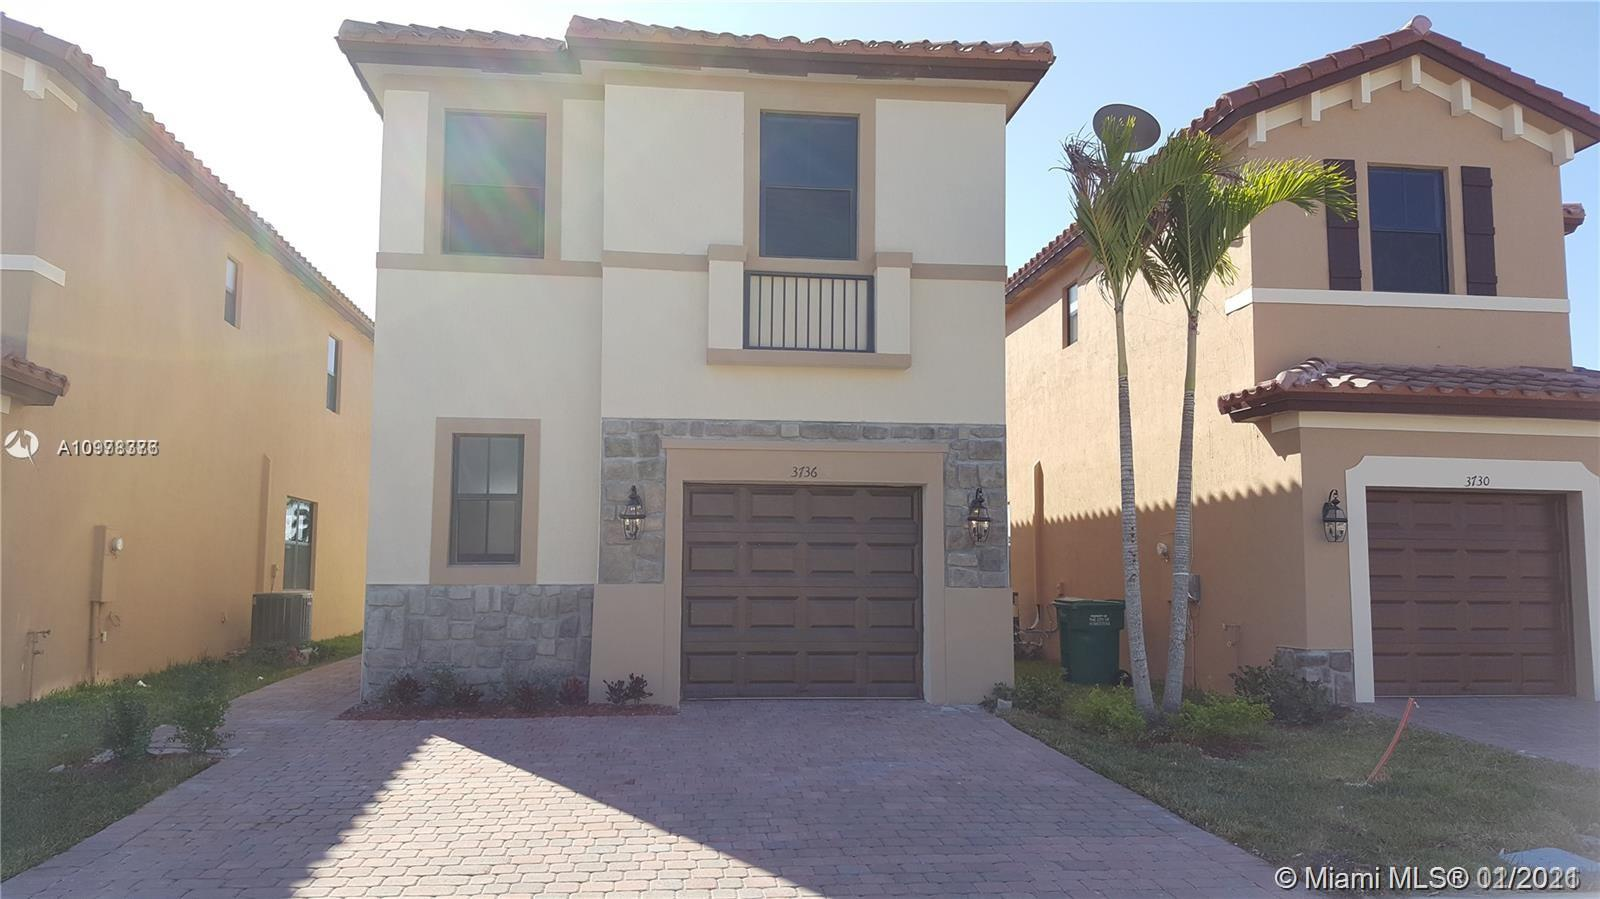 3736 Ne 2nd St Property Photo